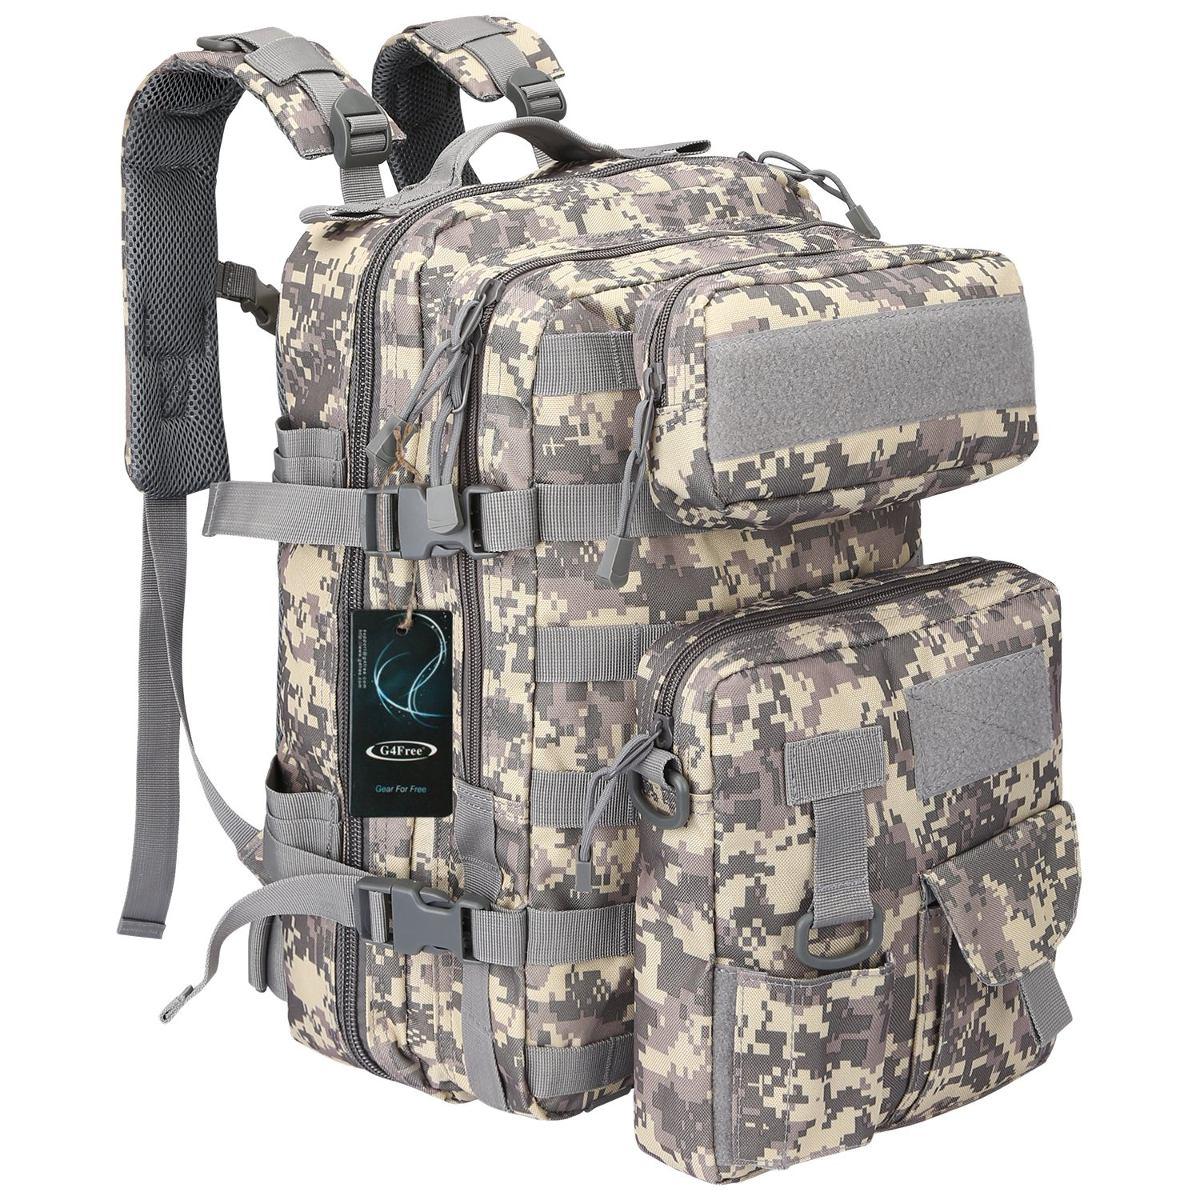 09ad5483d g4free militar táctico molle mochila deporte al aire libr. Cargando zoom.